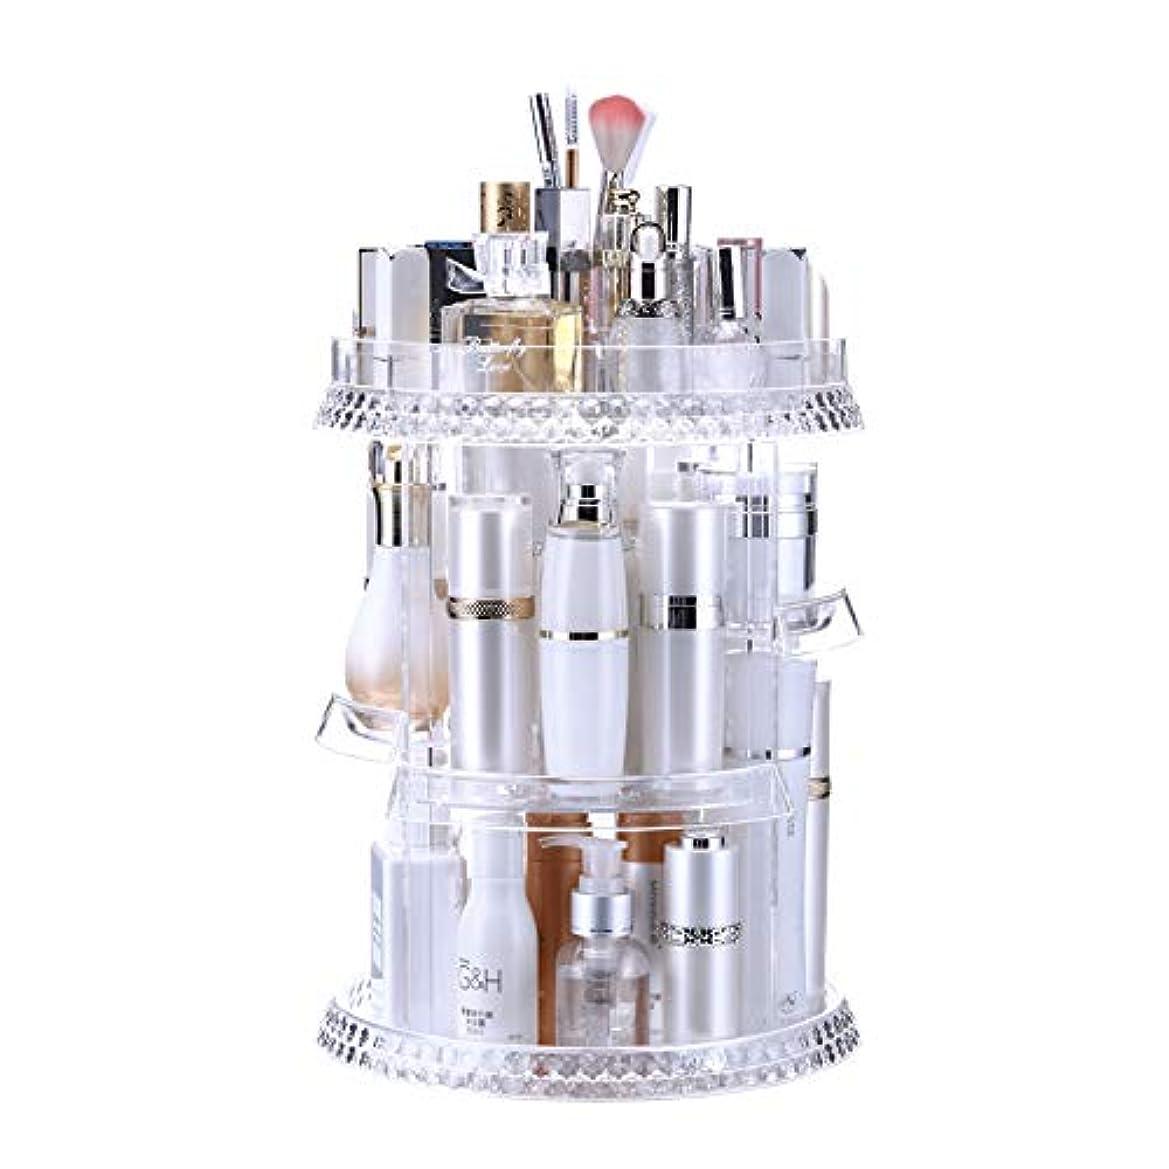 嵐が丘行政虫を数えるStarmory メイクボックス 360度回転式 大容量 (ダイヤモンドクリスタルスタイル) メイクケース 香水 口紅 化粧道具 収納 高さ調節可能 透明プラスチック化粧品ケース